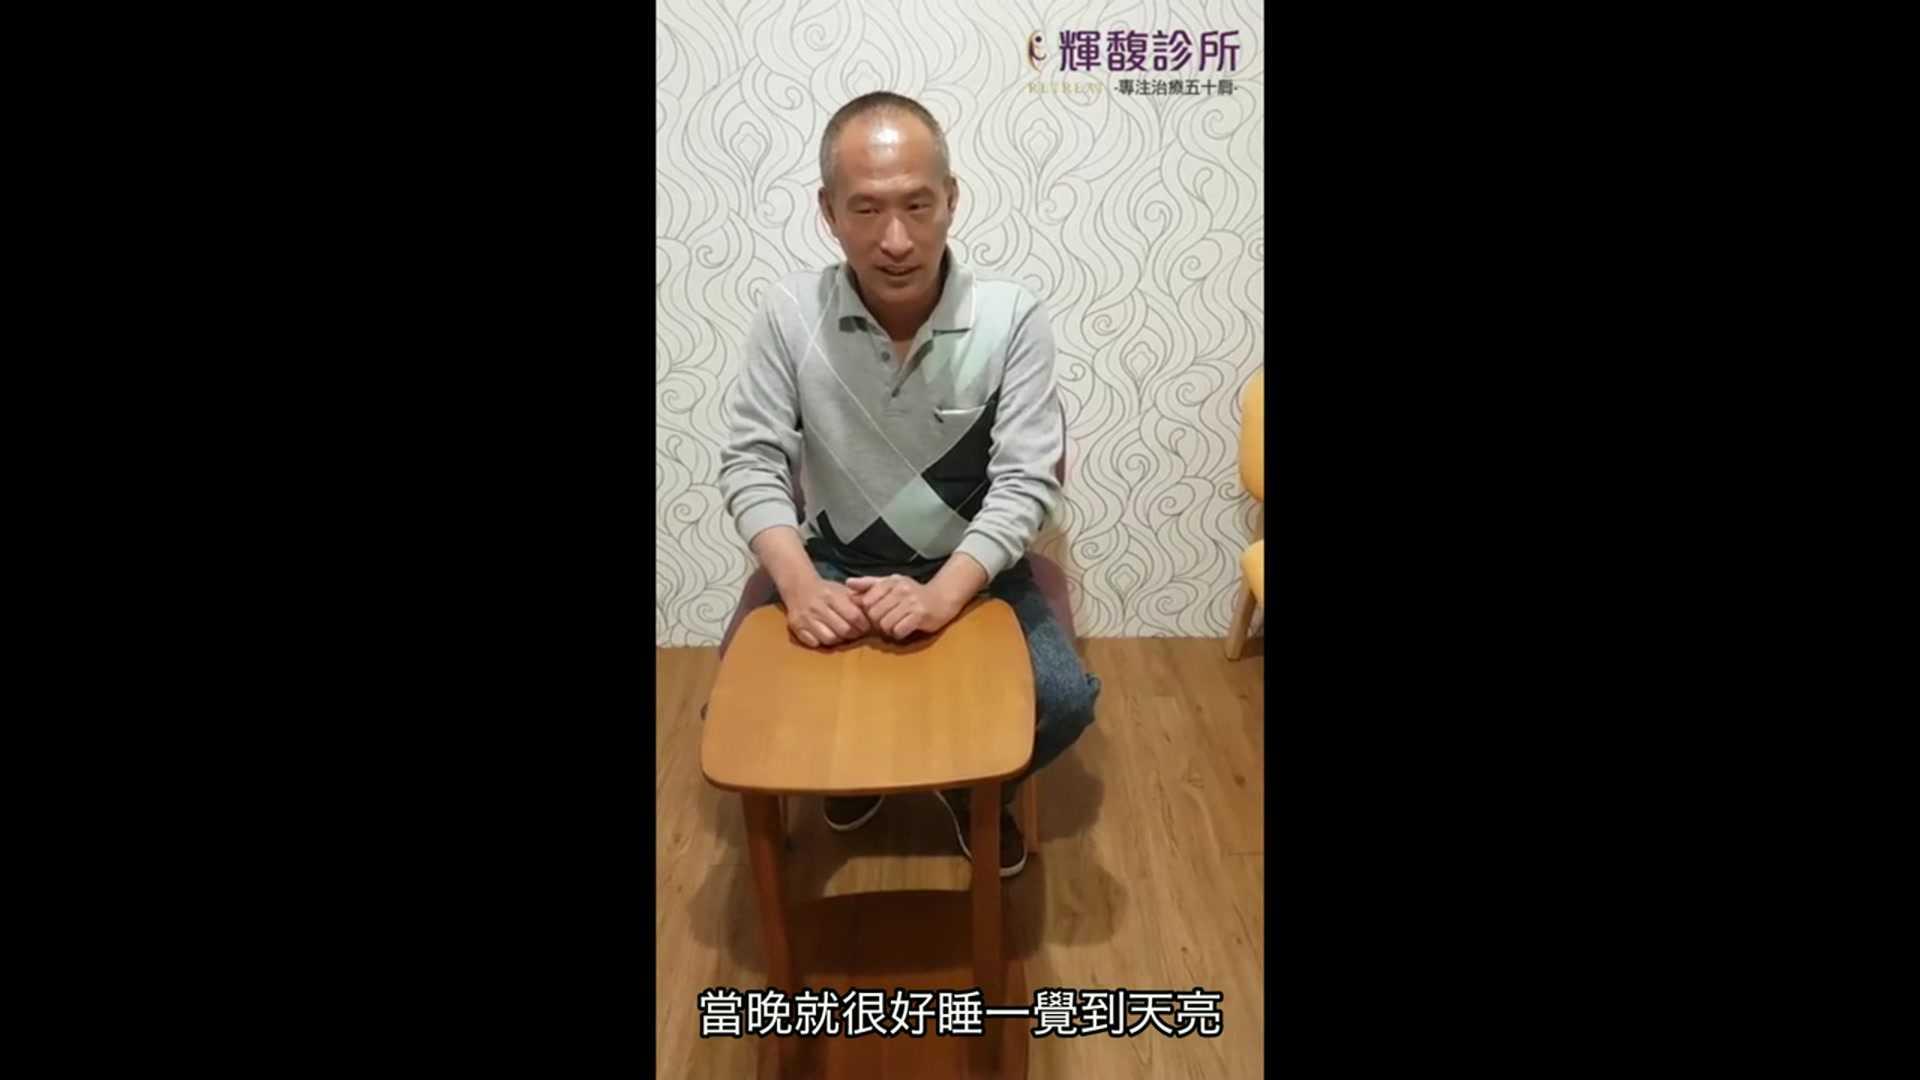 14 苗栗 劉先生 朋友介紹來,治療當晚一覺到天亮